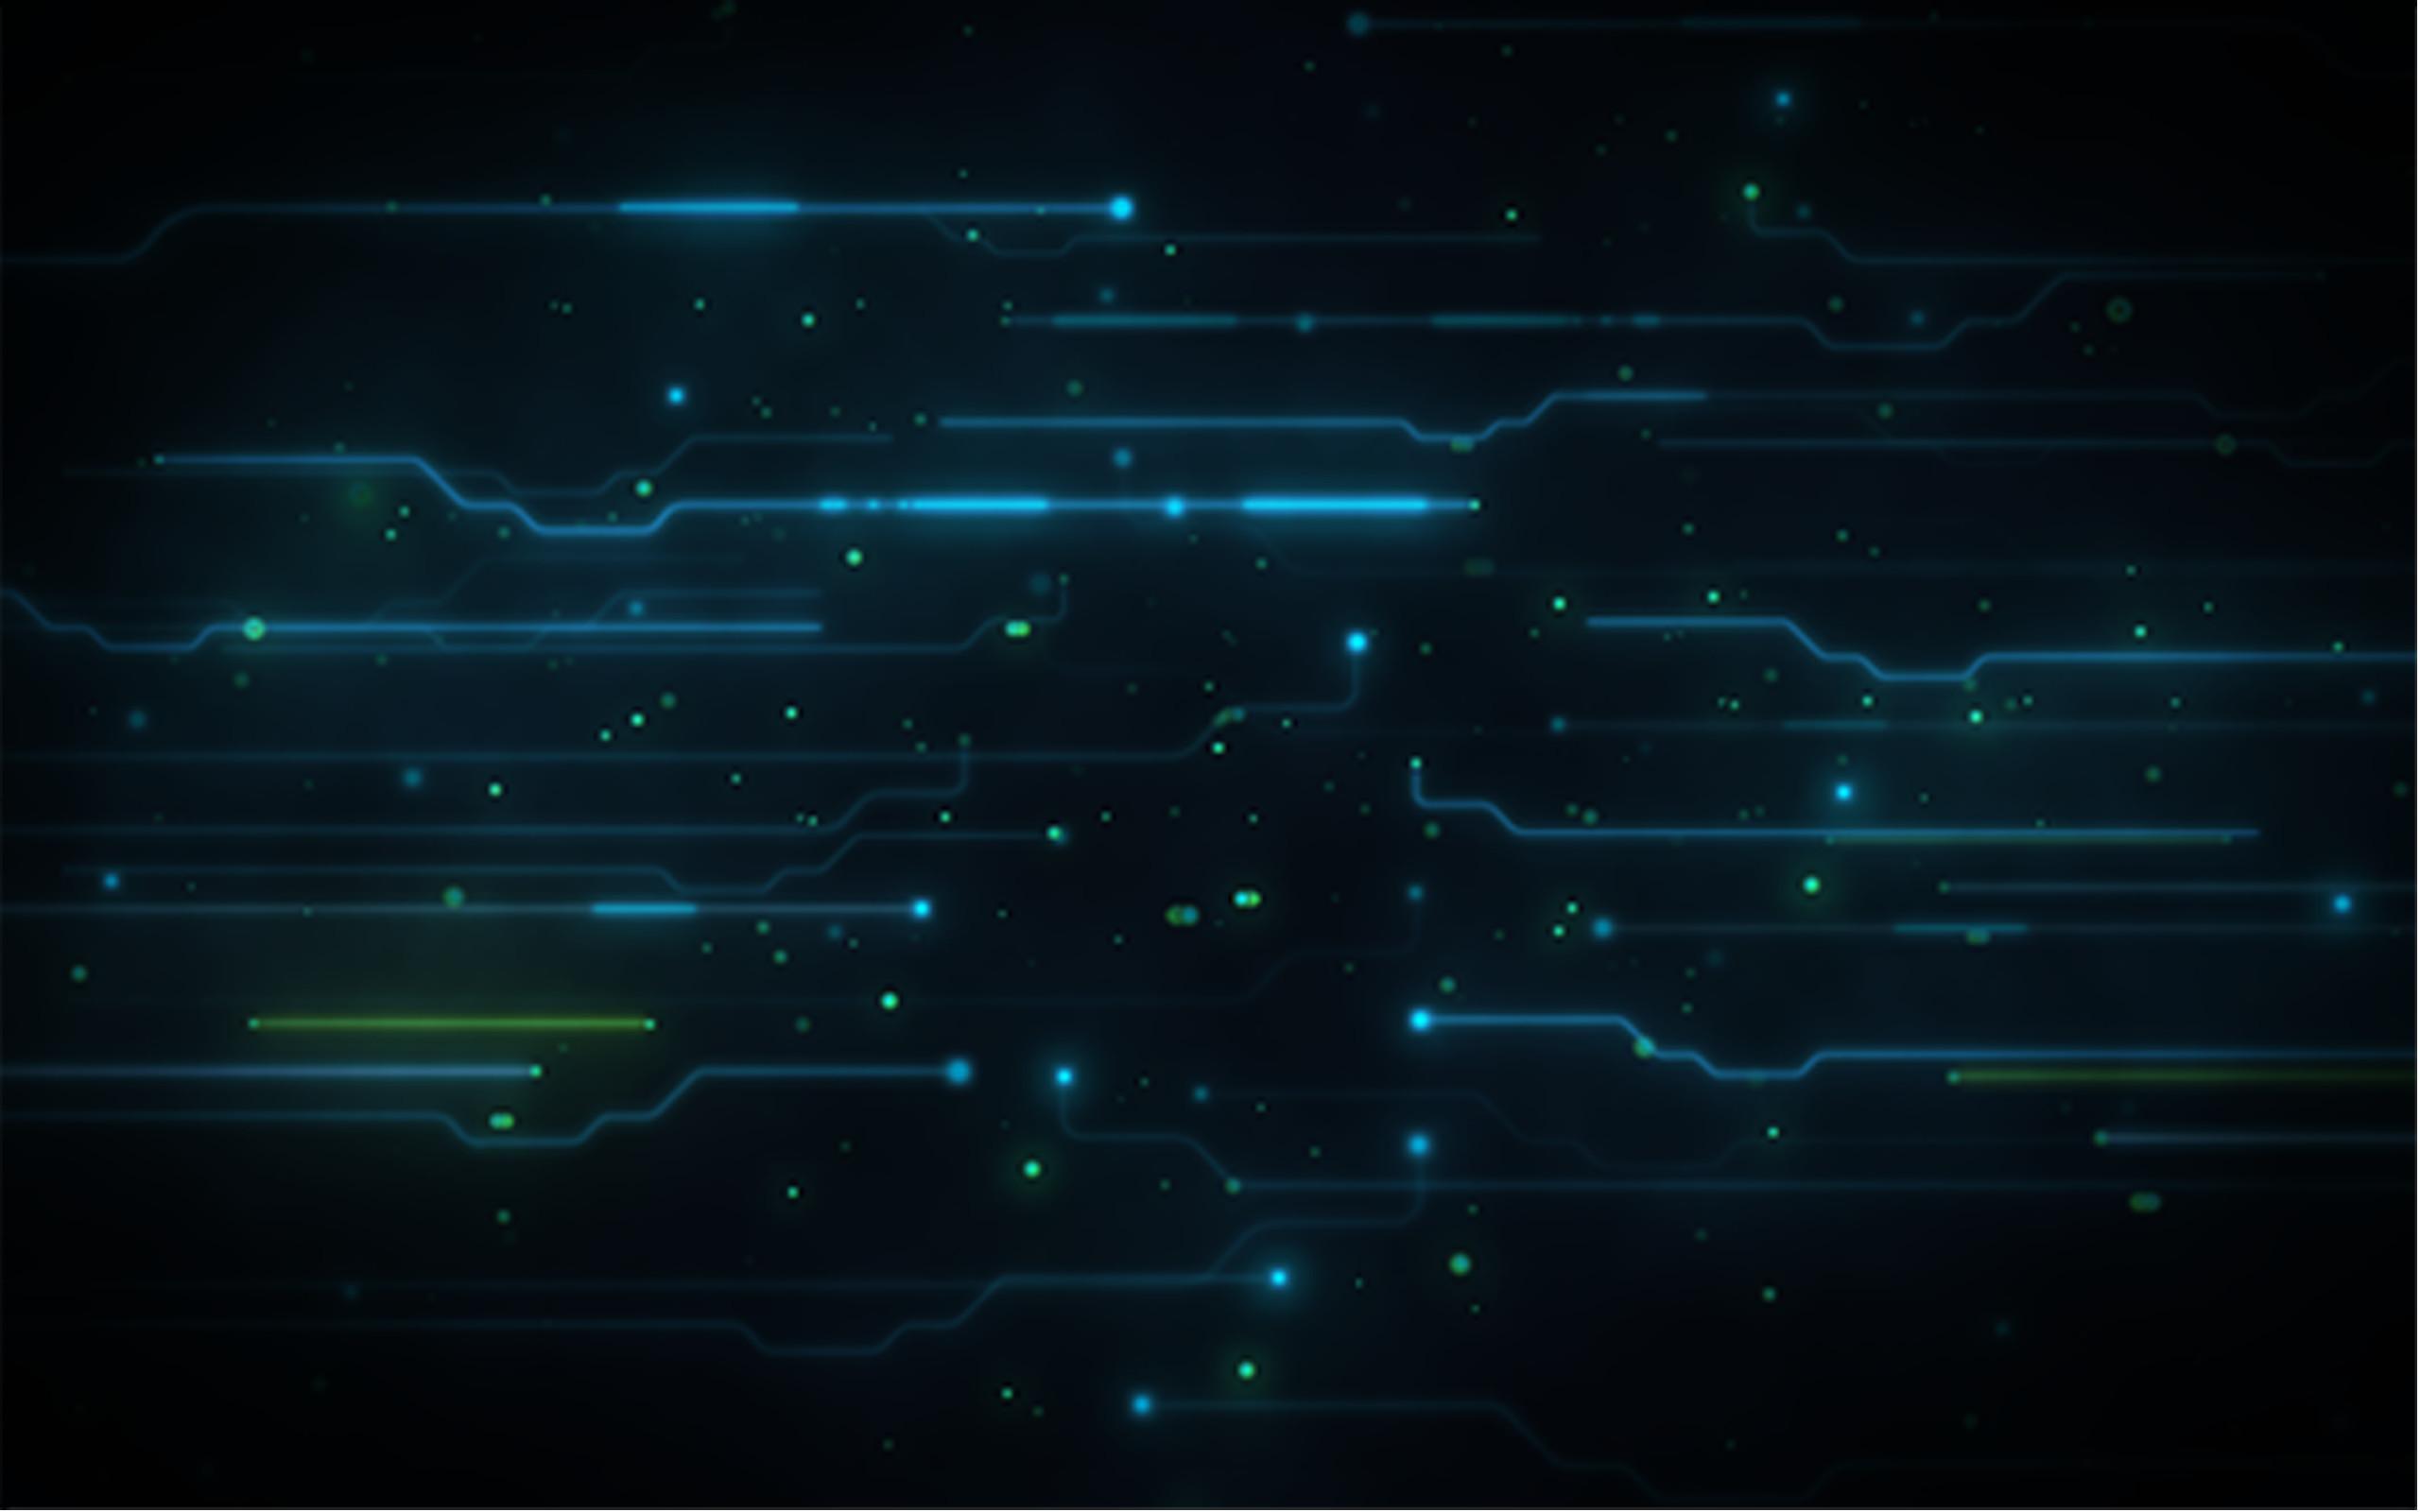 techy tech hi wallpapertag widescreen